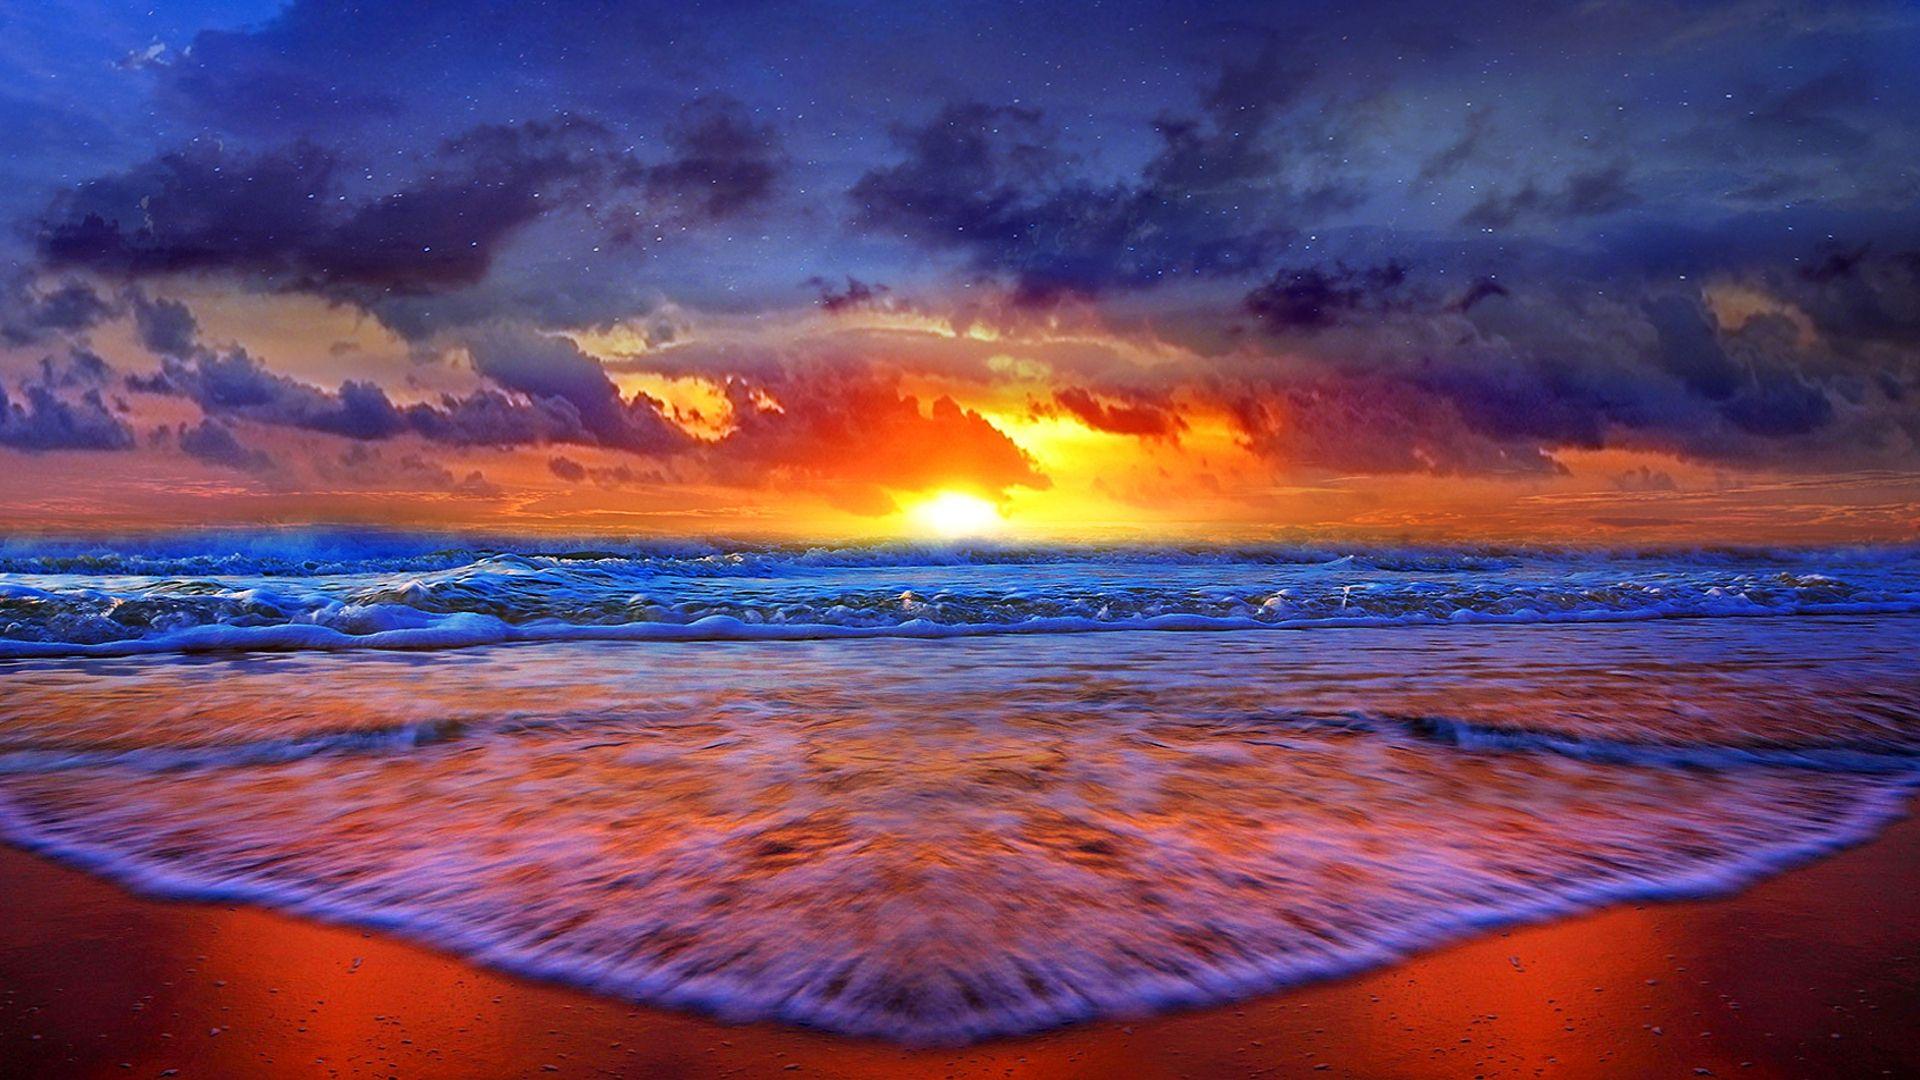 Coast Nature Shore Sunshine Sky Ocean Sun Sunrise Beach Sunset Sunlight Evening Waves Clouds Sand Sea Water Summer Beach Sunset Beach Wall Decals Sunrise Beach